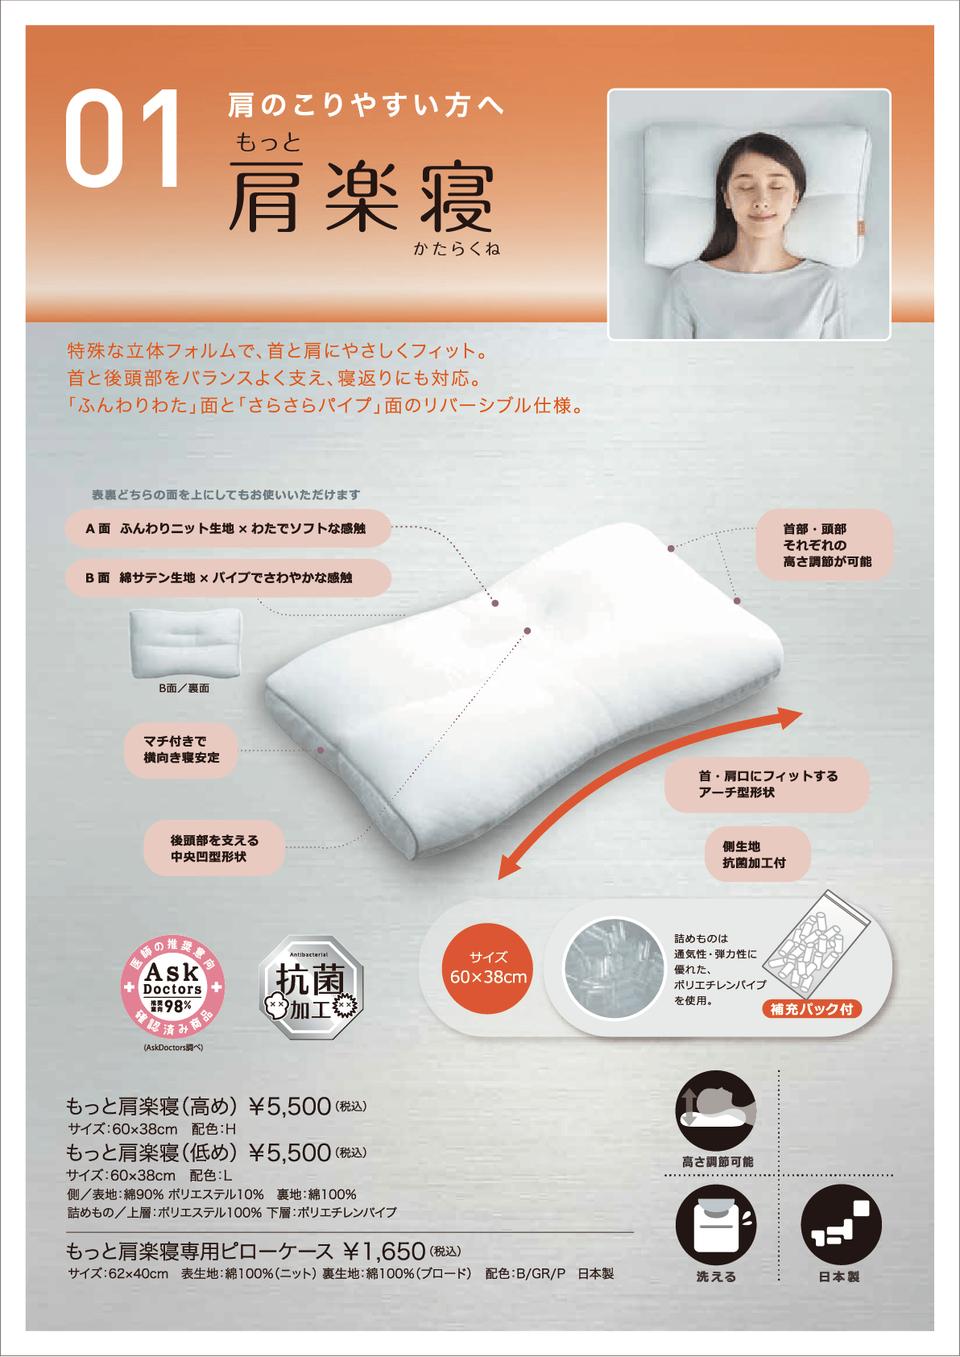 肩のこりやすい方へ 医師がすすめる健康枕01肩楽寝 特殊な立体フォルムで首と肩にやさしくフィット。首と後頭部をバランスよく支え、寝返りにも対応。ふんわりした面とさらさらパイプ面のリバーシブル仕様 税込5500円